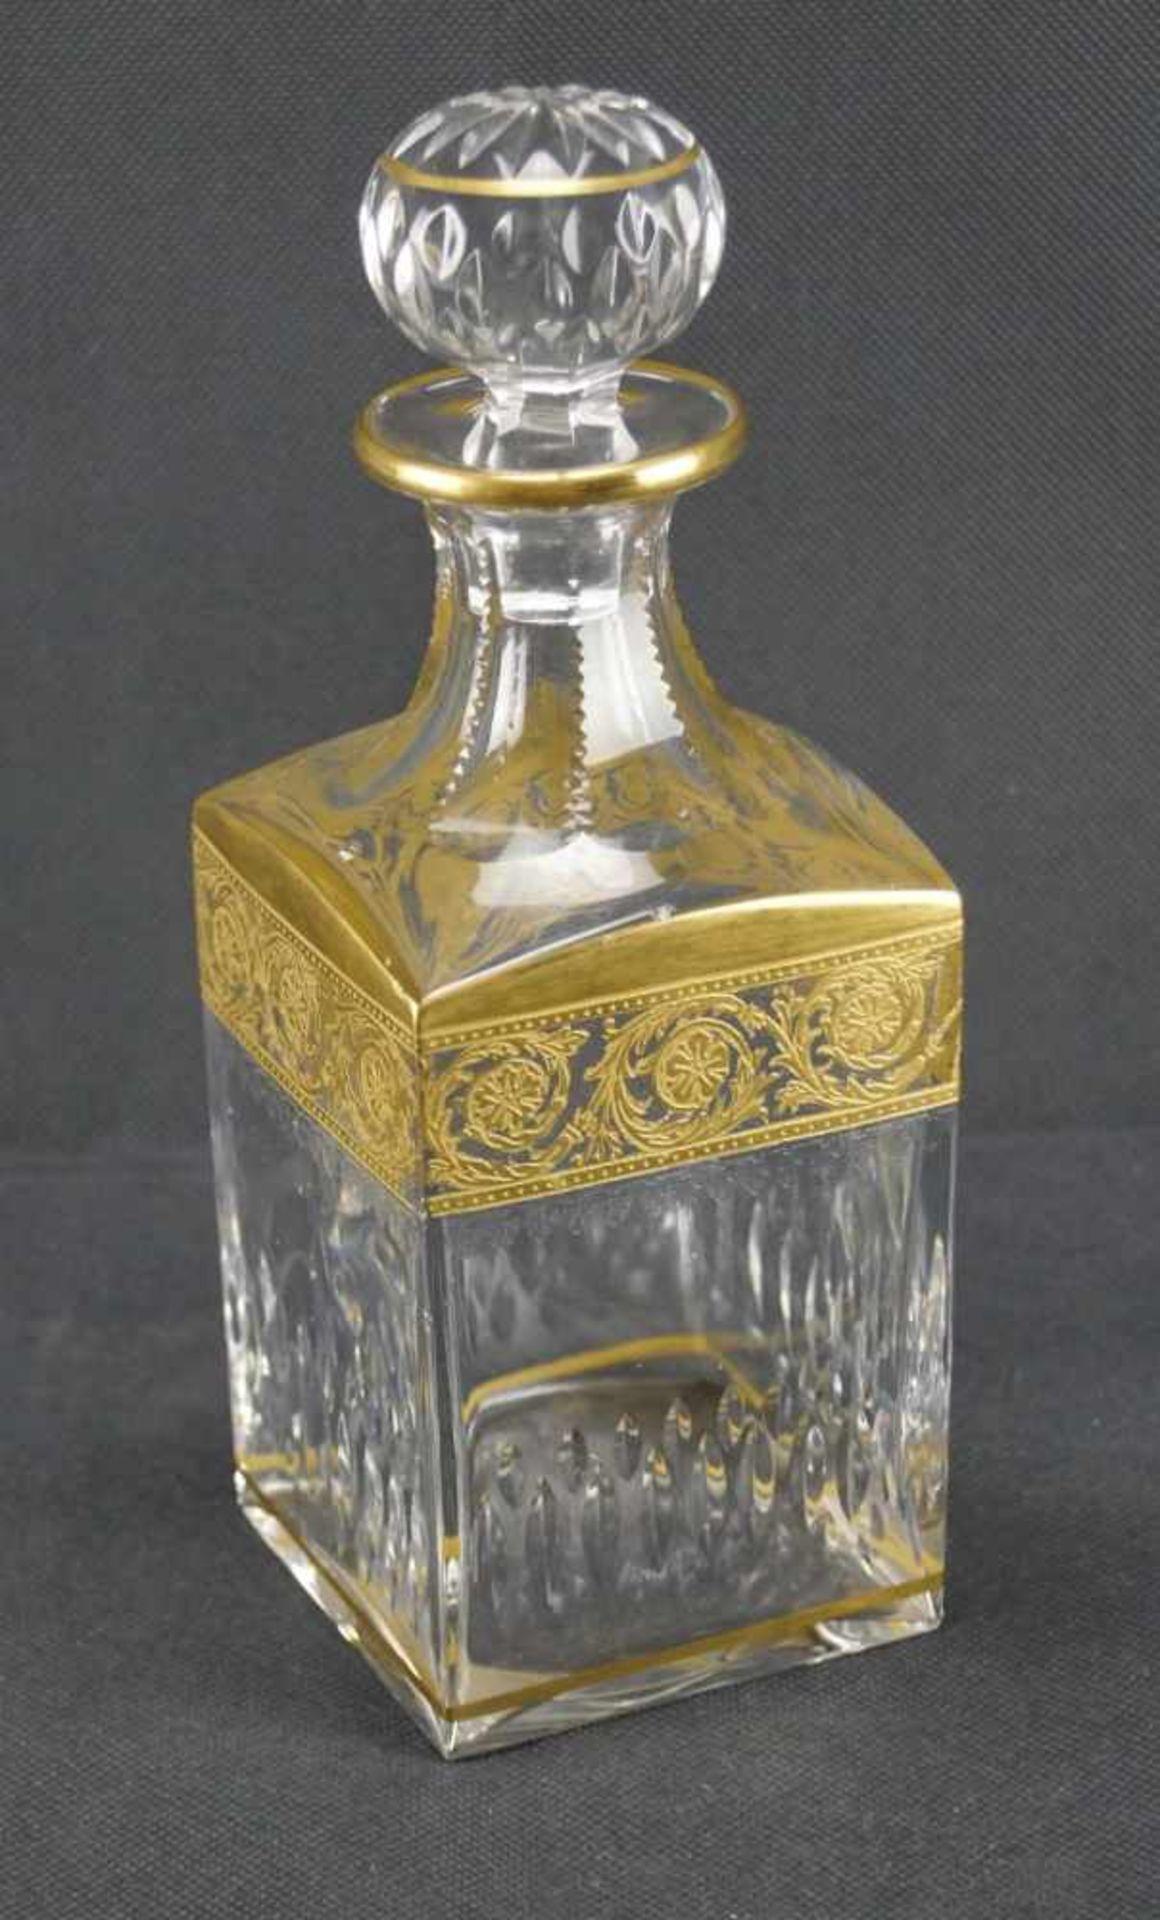 Viereckige Karaffe, Saint Louis Serie Thistle Gold, Höhe 24 cm, einige Bestoßungen